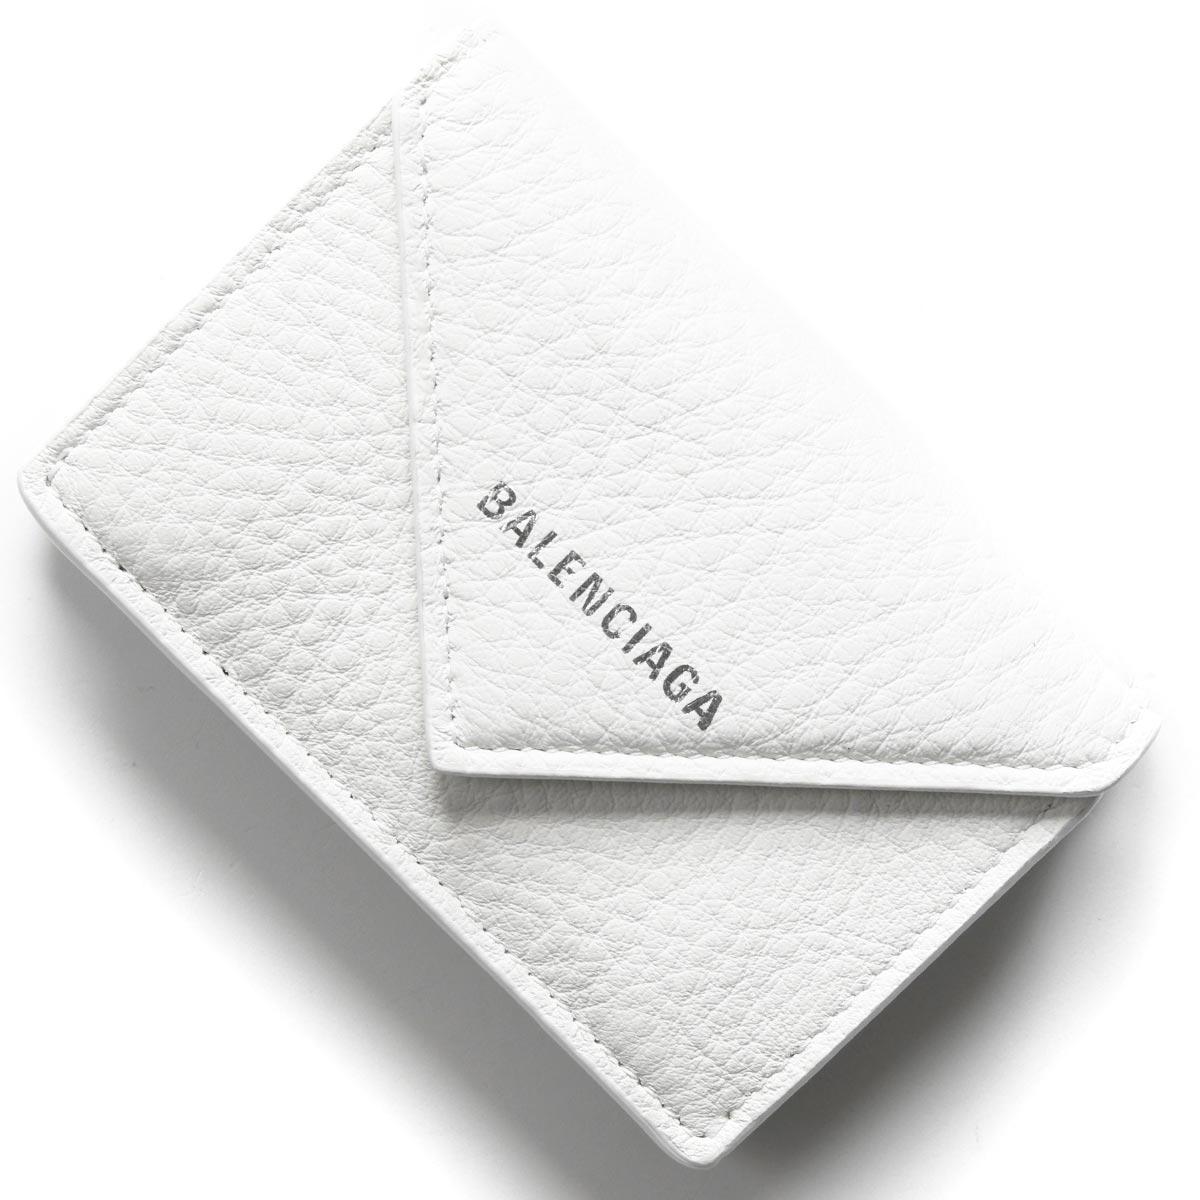 バレンシアガ 三つ折り財布 財布 レディース ペーパー ミニ ブランオプティックホワイト 391446 DLQ0N 9002 2020年春夏新作 BALENCIAGA